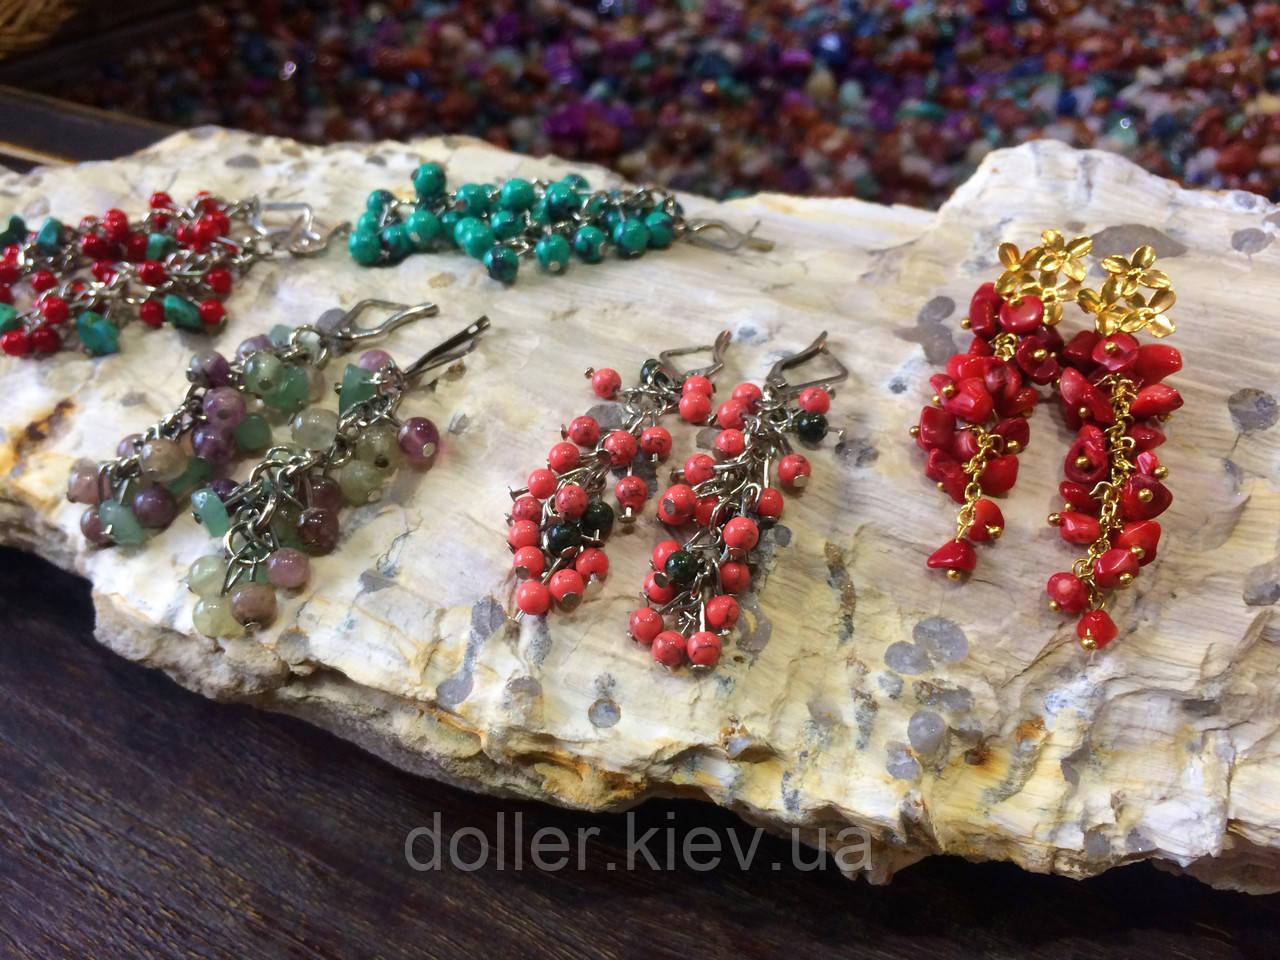 Серьги из самоцветов, в ассортименте. - Остров сокровищ и Doller - магазин уникальных подарков в Киеве